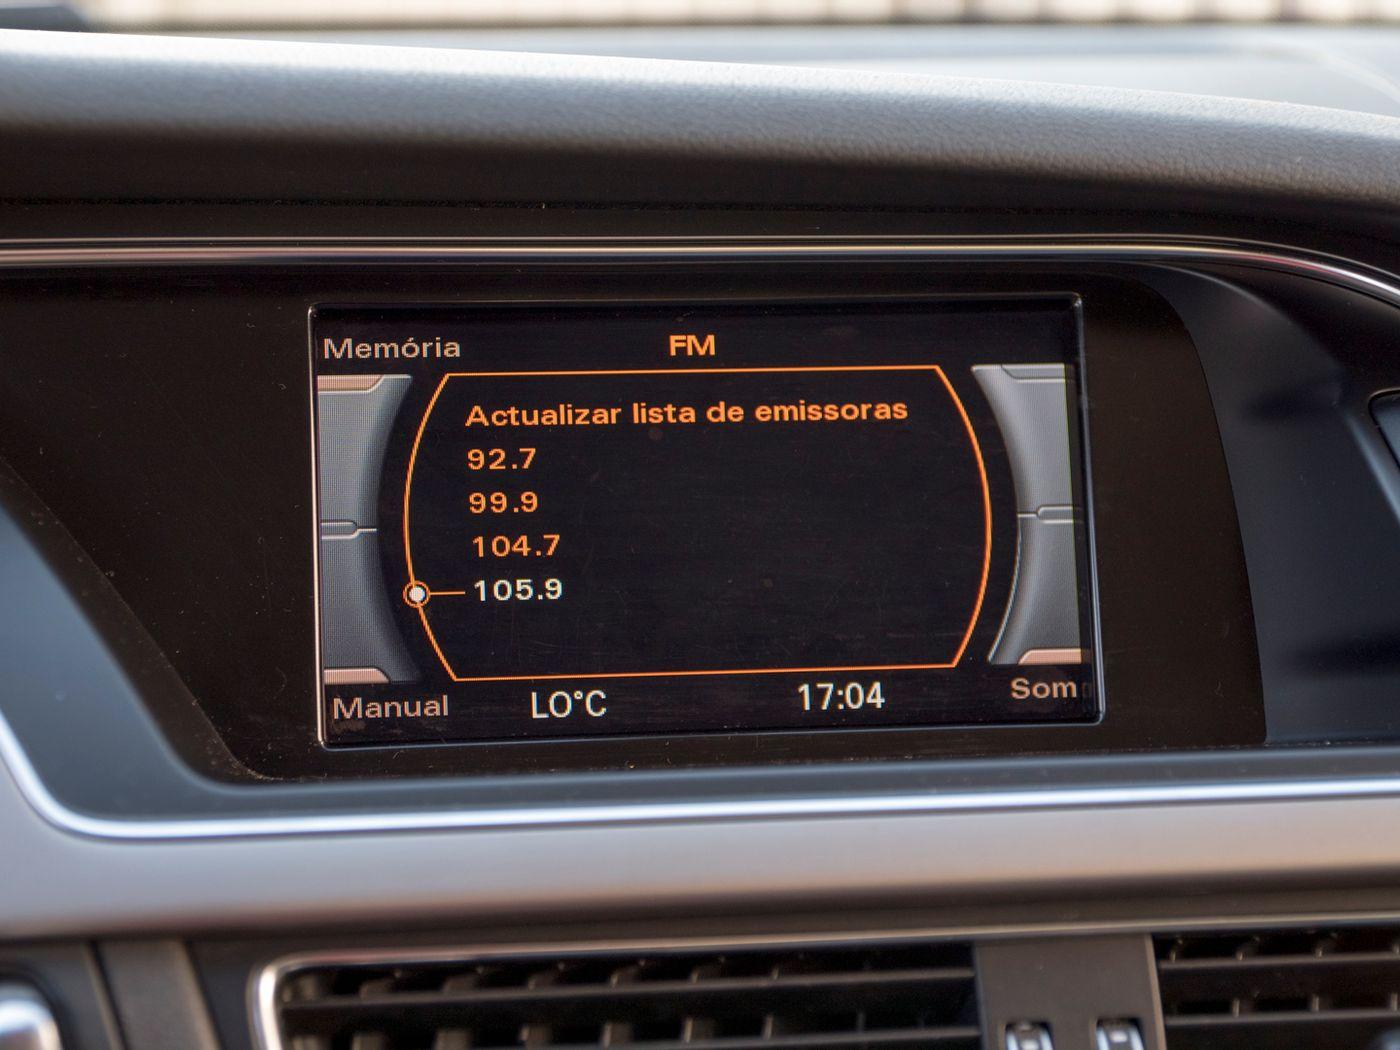 Audi A4 2.0 16V TFSI 183/180cv Multitronic